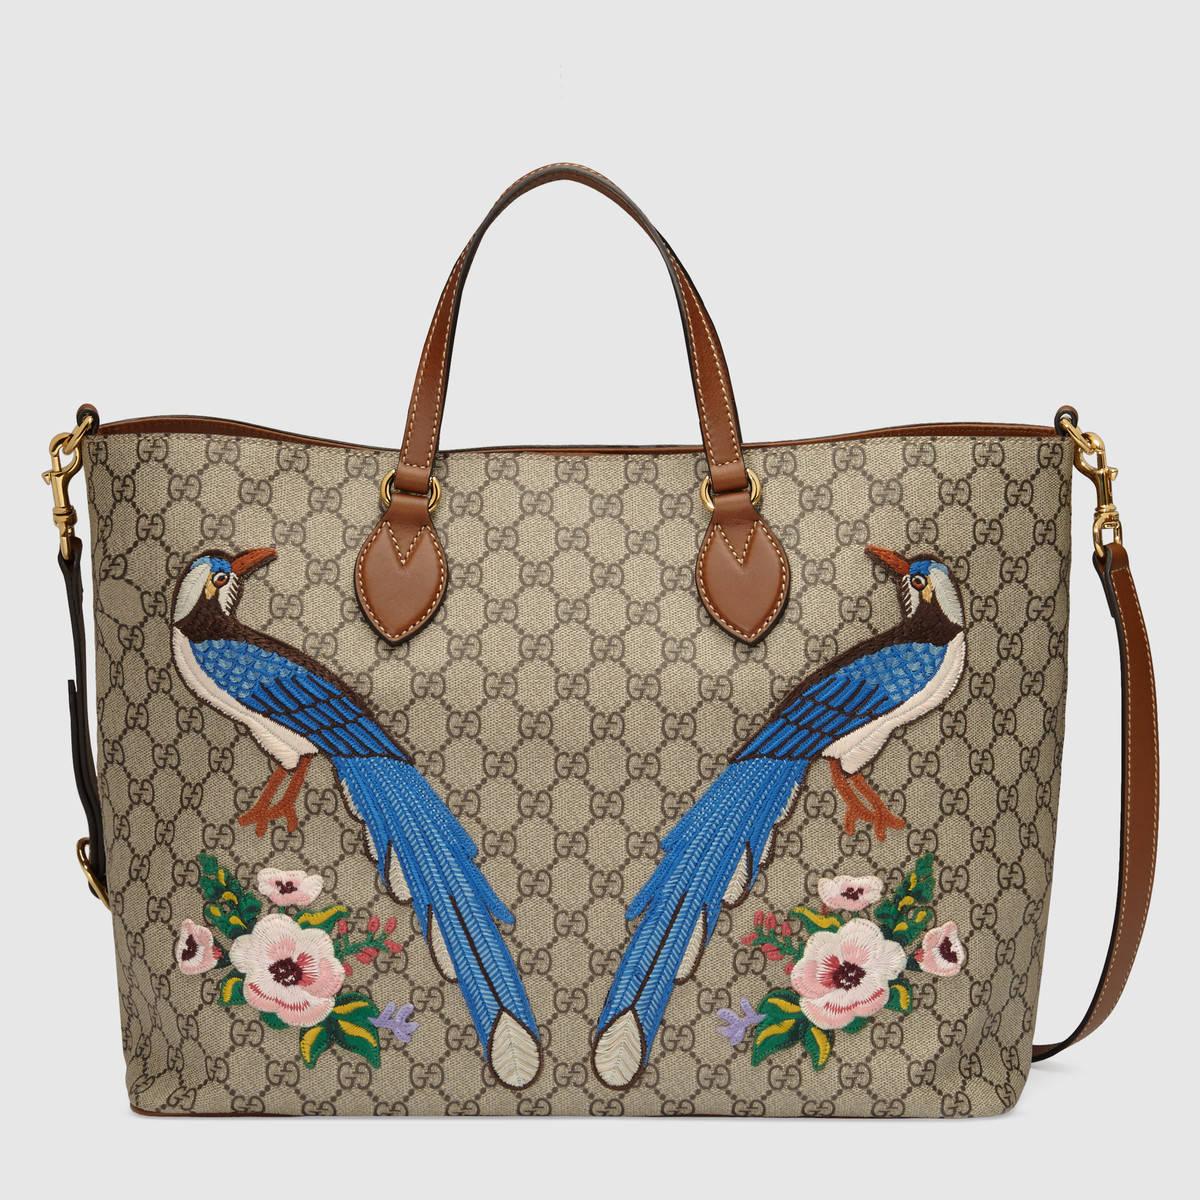 Чанта Gucci 3076 лв.